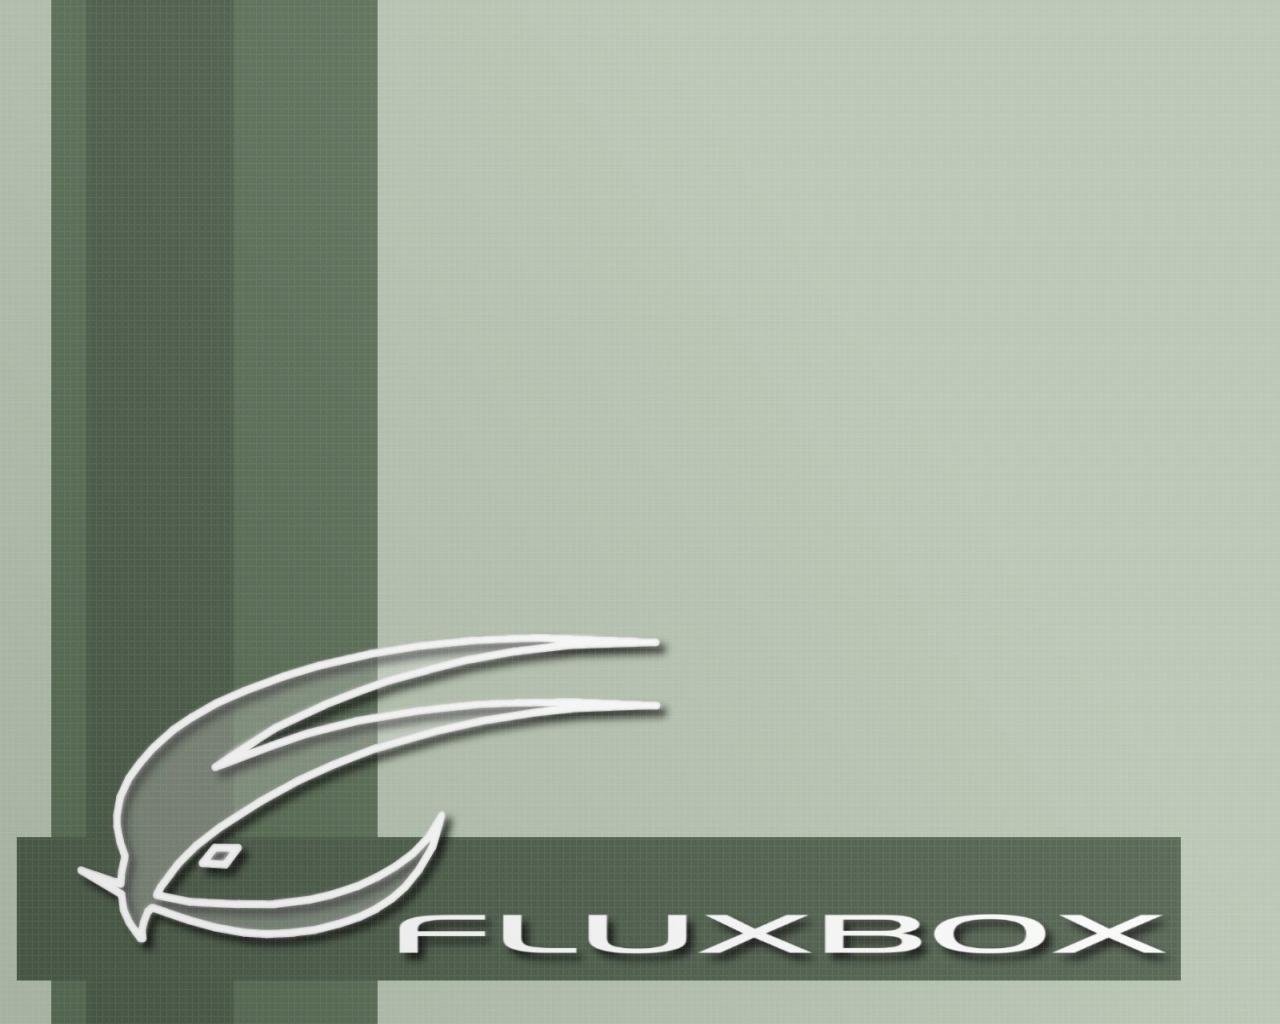 macs blog fluxbox wallpaper 1280x1024